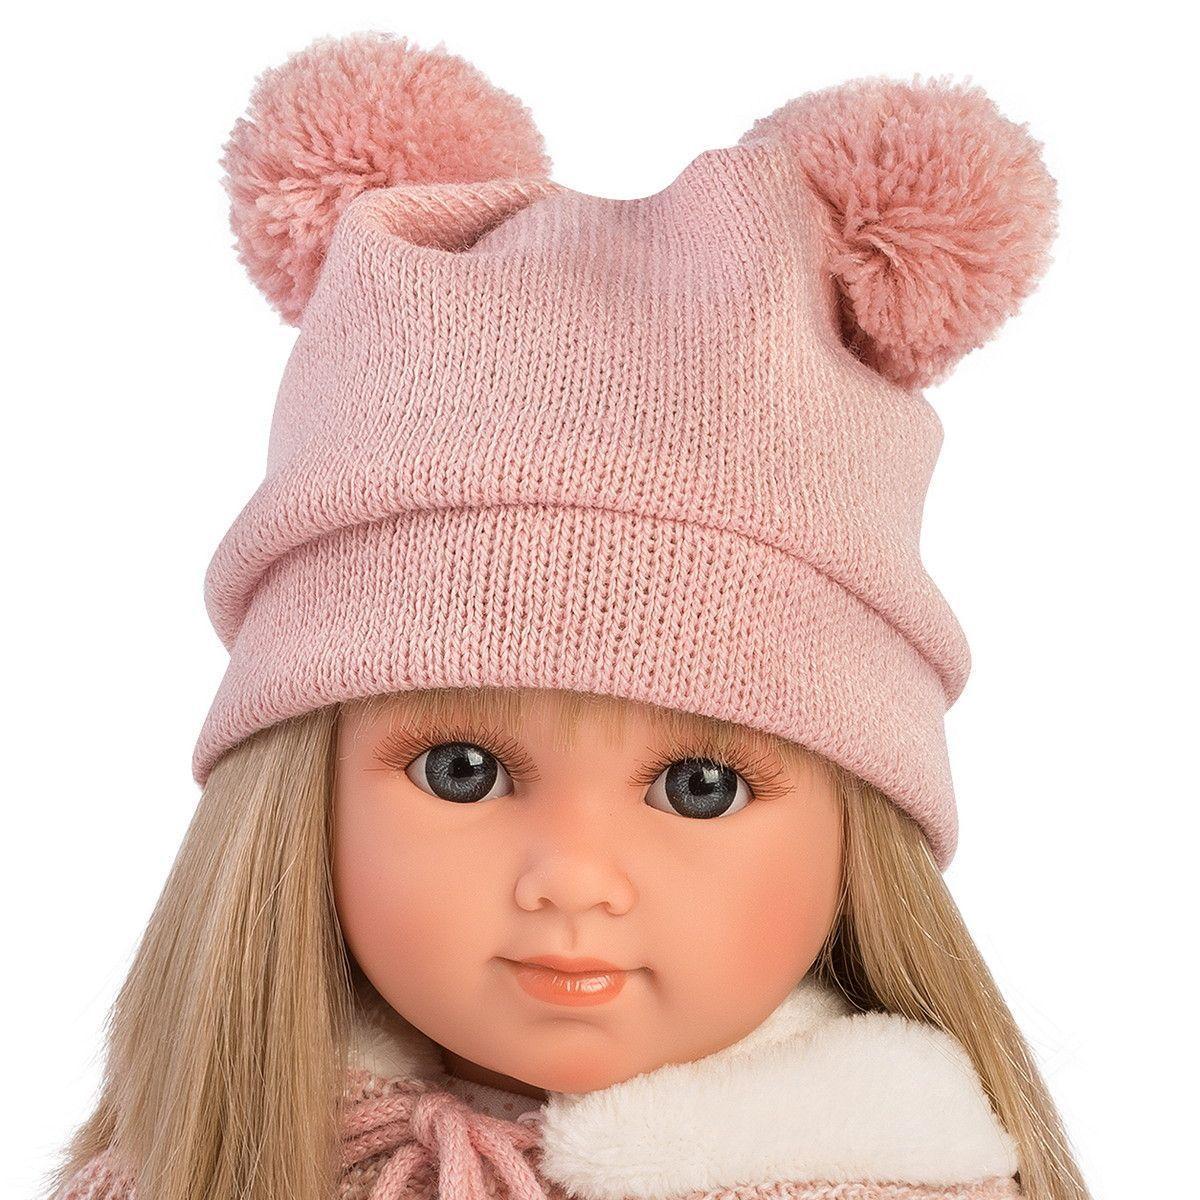 Кукла Елена 35 см, блондинка в розовом костюме (LLORENS, Испания) - фото 4